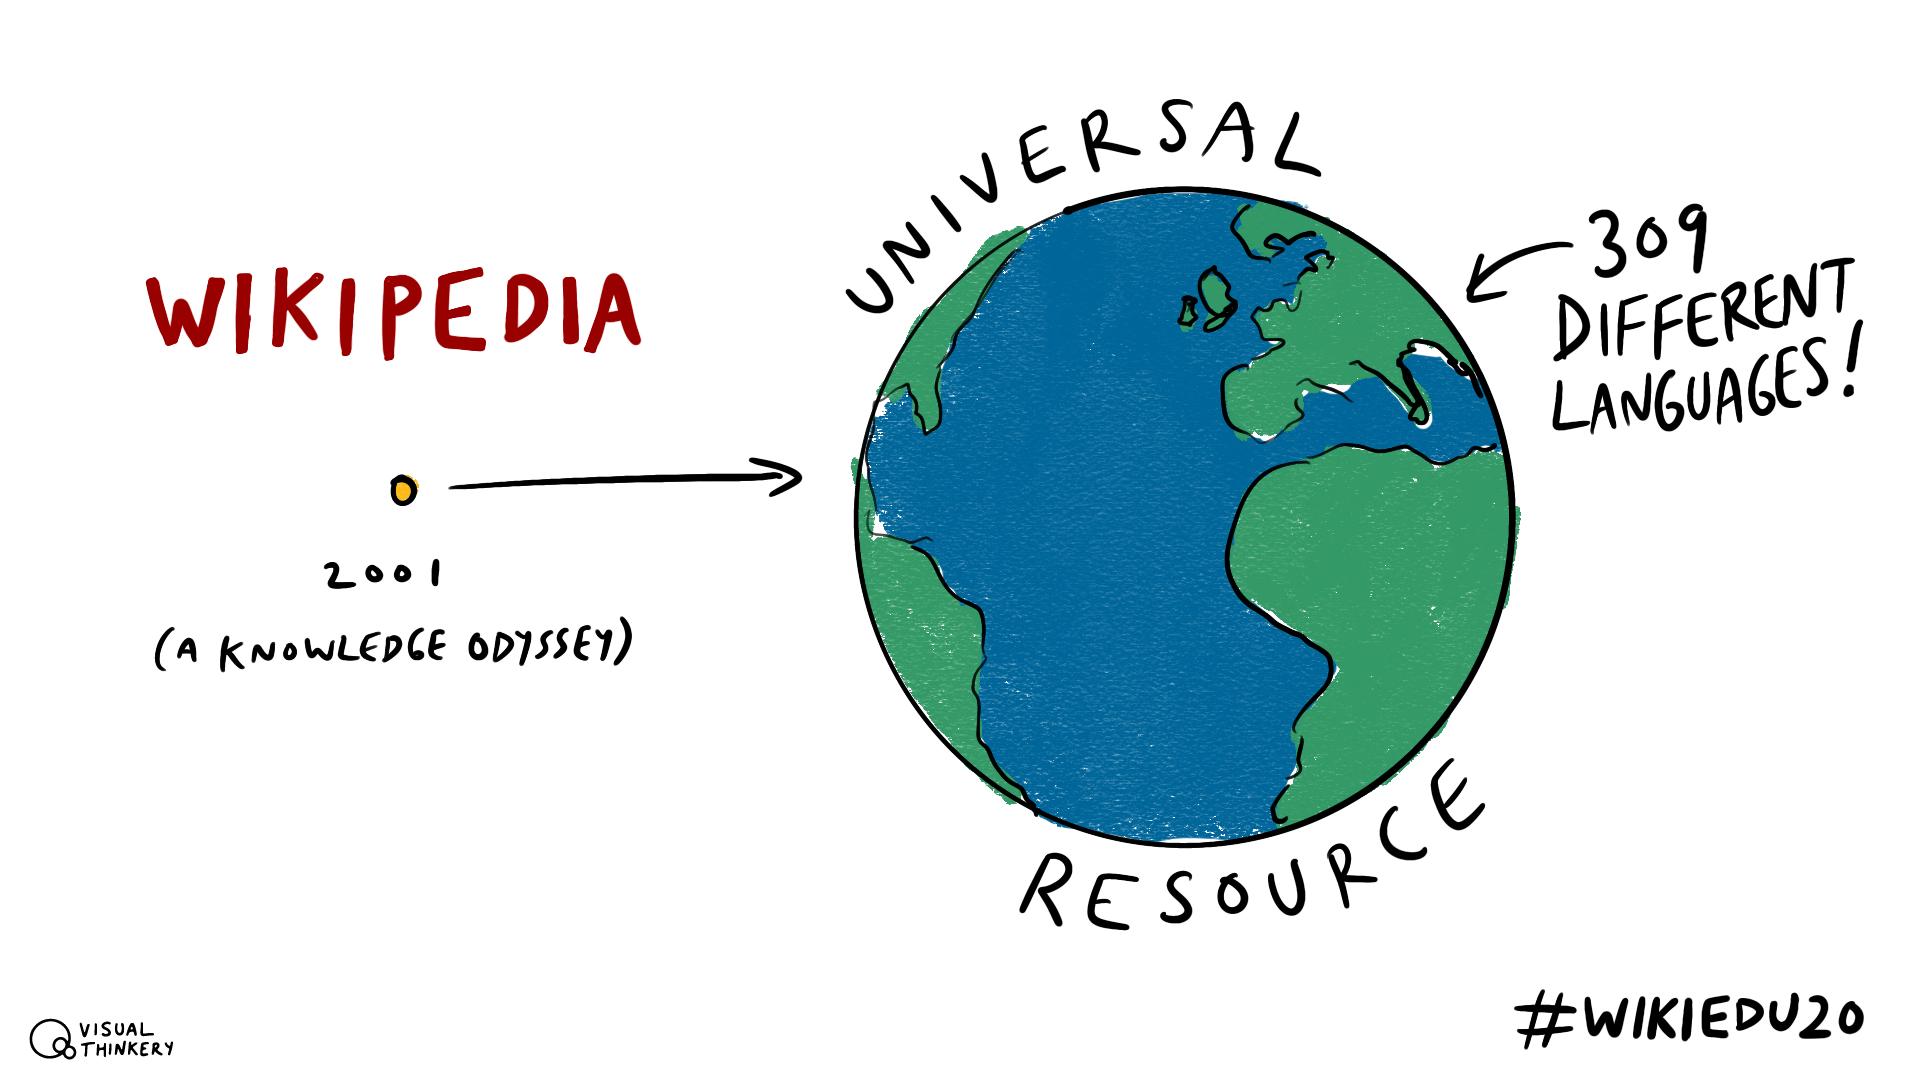 wikipedia - a knowledge odyssey